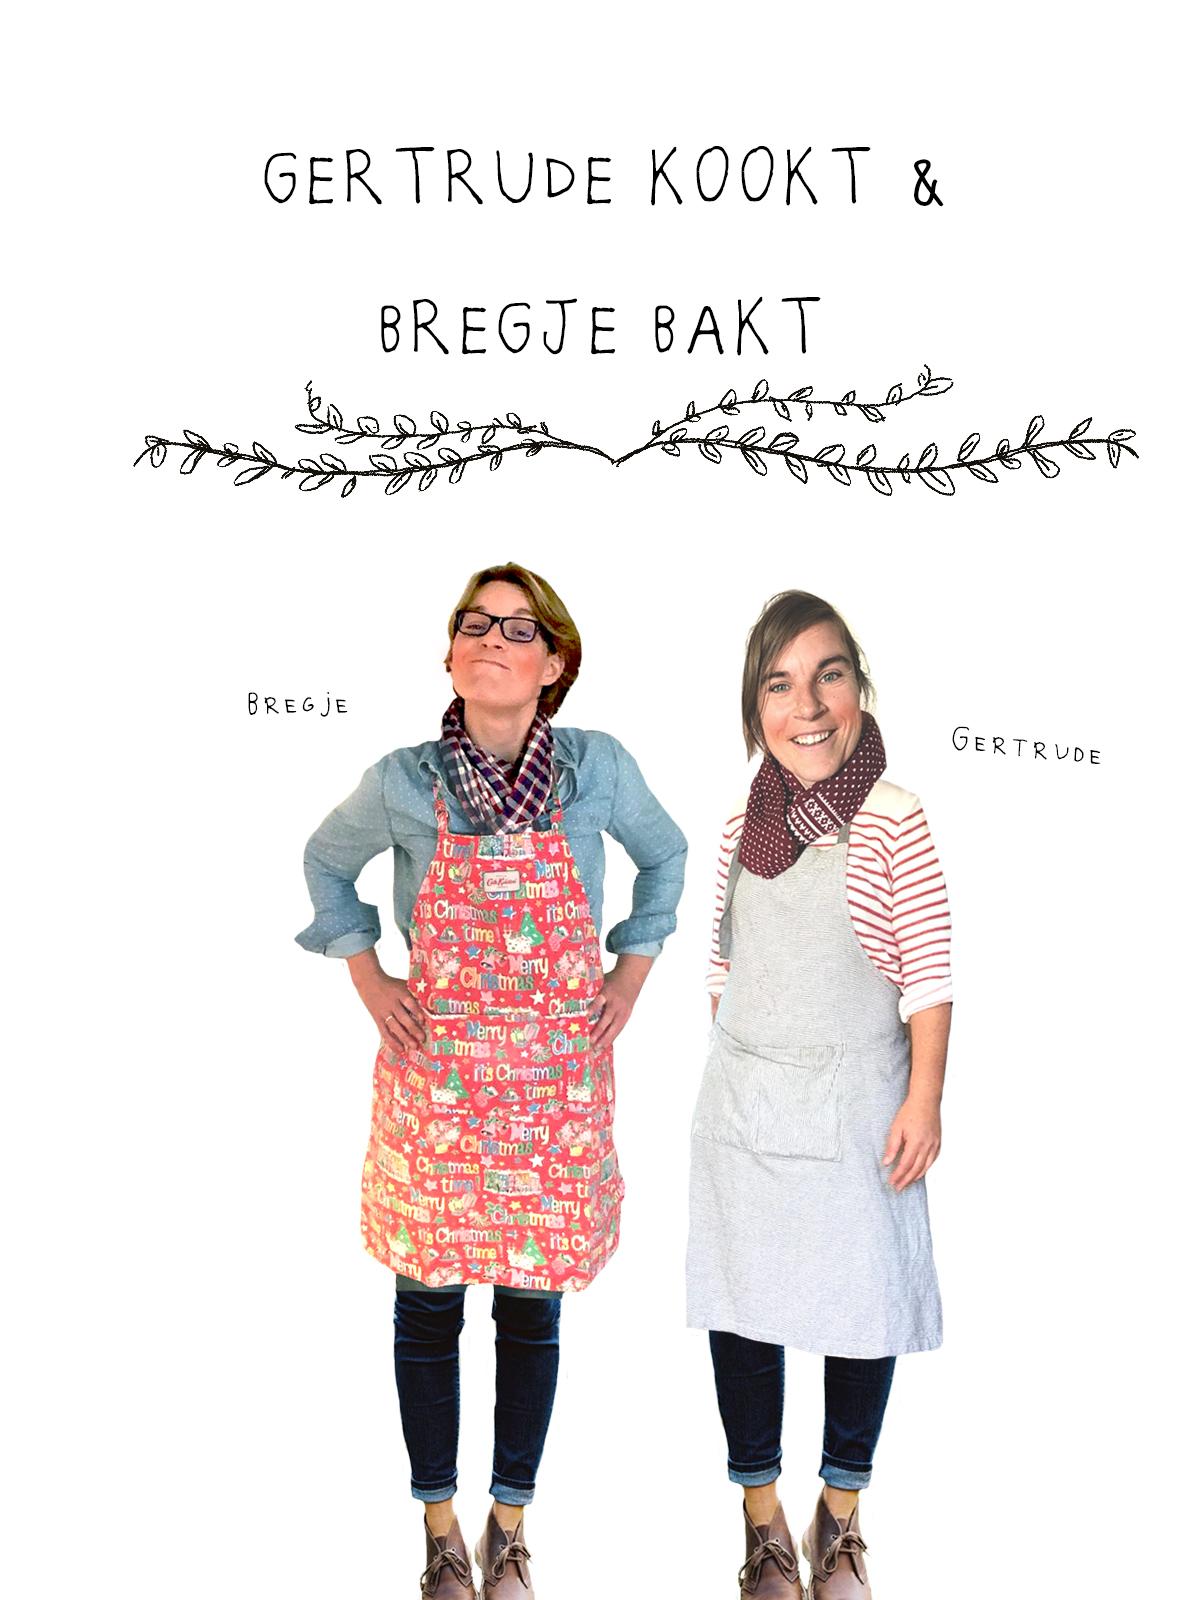 Gertrude kookt & Bregje bakt